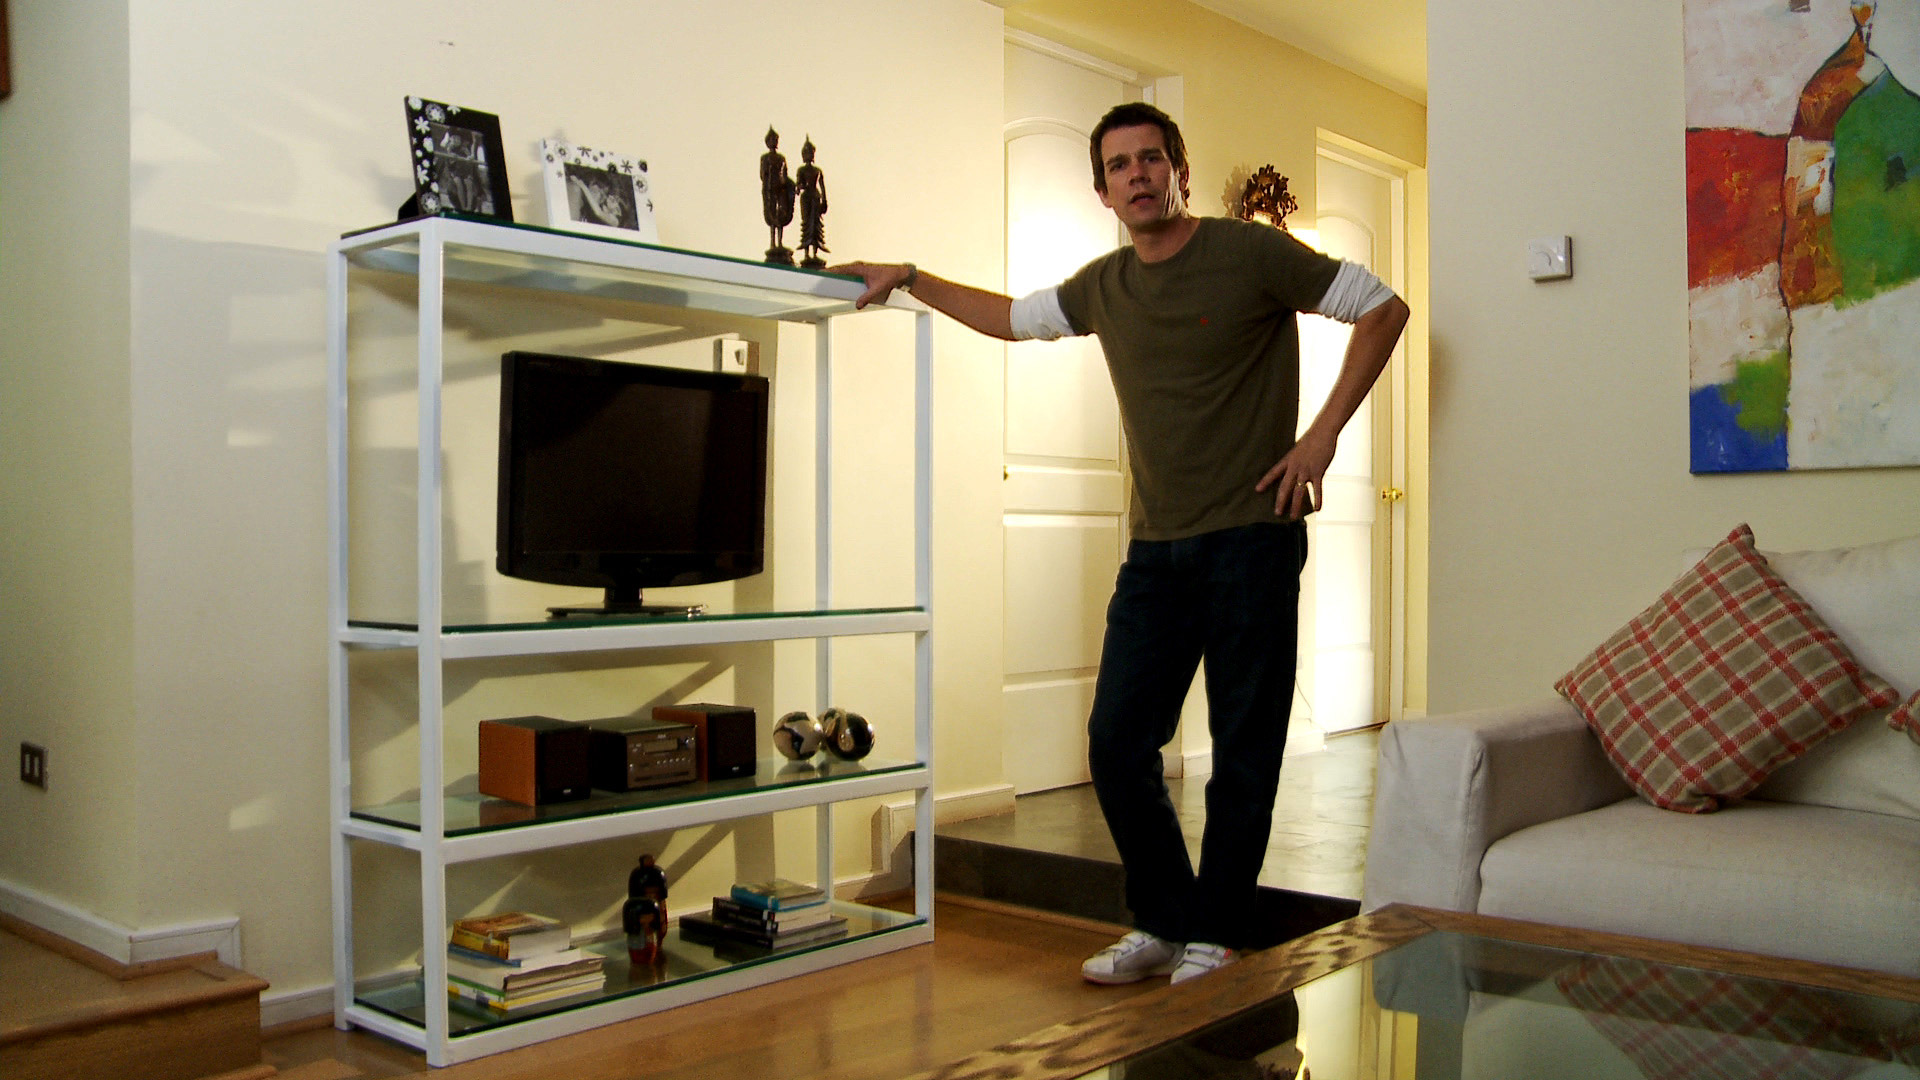 En este proyecto aprovecharemos las ventajas del fierro para hacer un mueble que es súper práctico en todas las casas: un rack para poner la televisión y el equipo de música. Los perfiles de acero son un excelente material para hacer estructuras visualmente livianas, es decir que ocupen poco espacio, para no llenar las habitaciones de tremendos muebles.